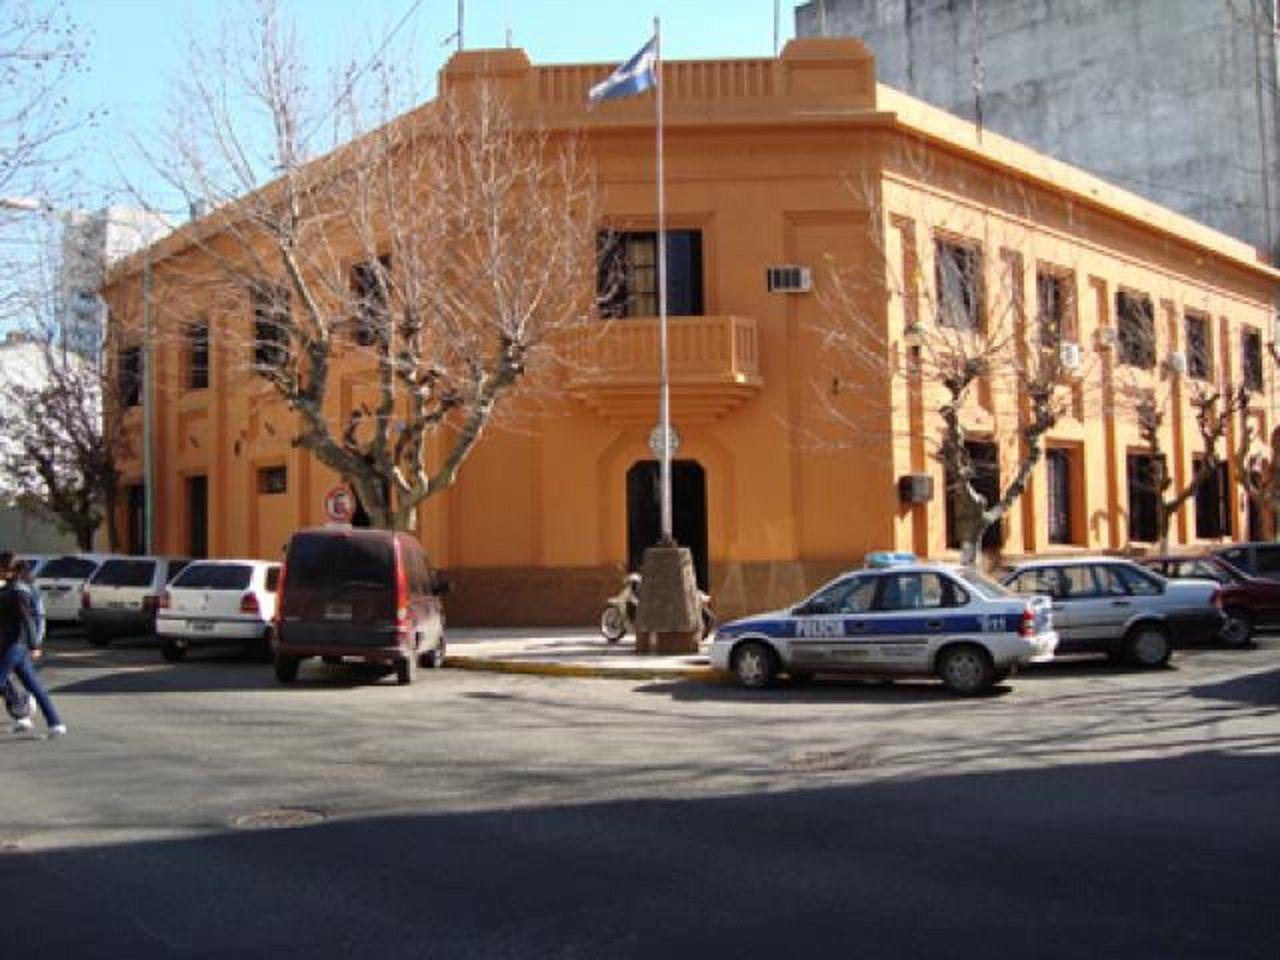 La mujer fue trasladada a la Comisaría de la Mujer de Quilmes.